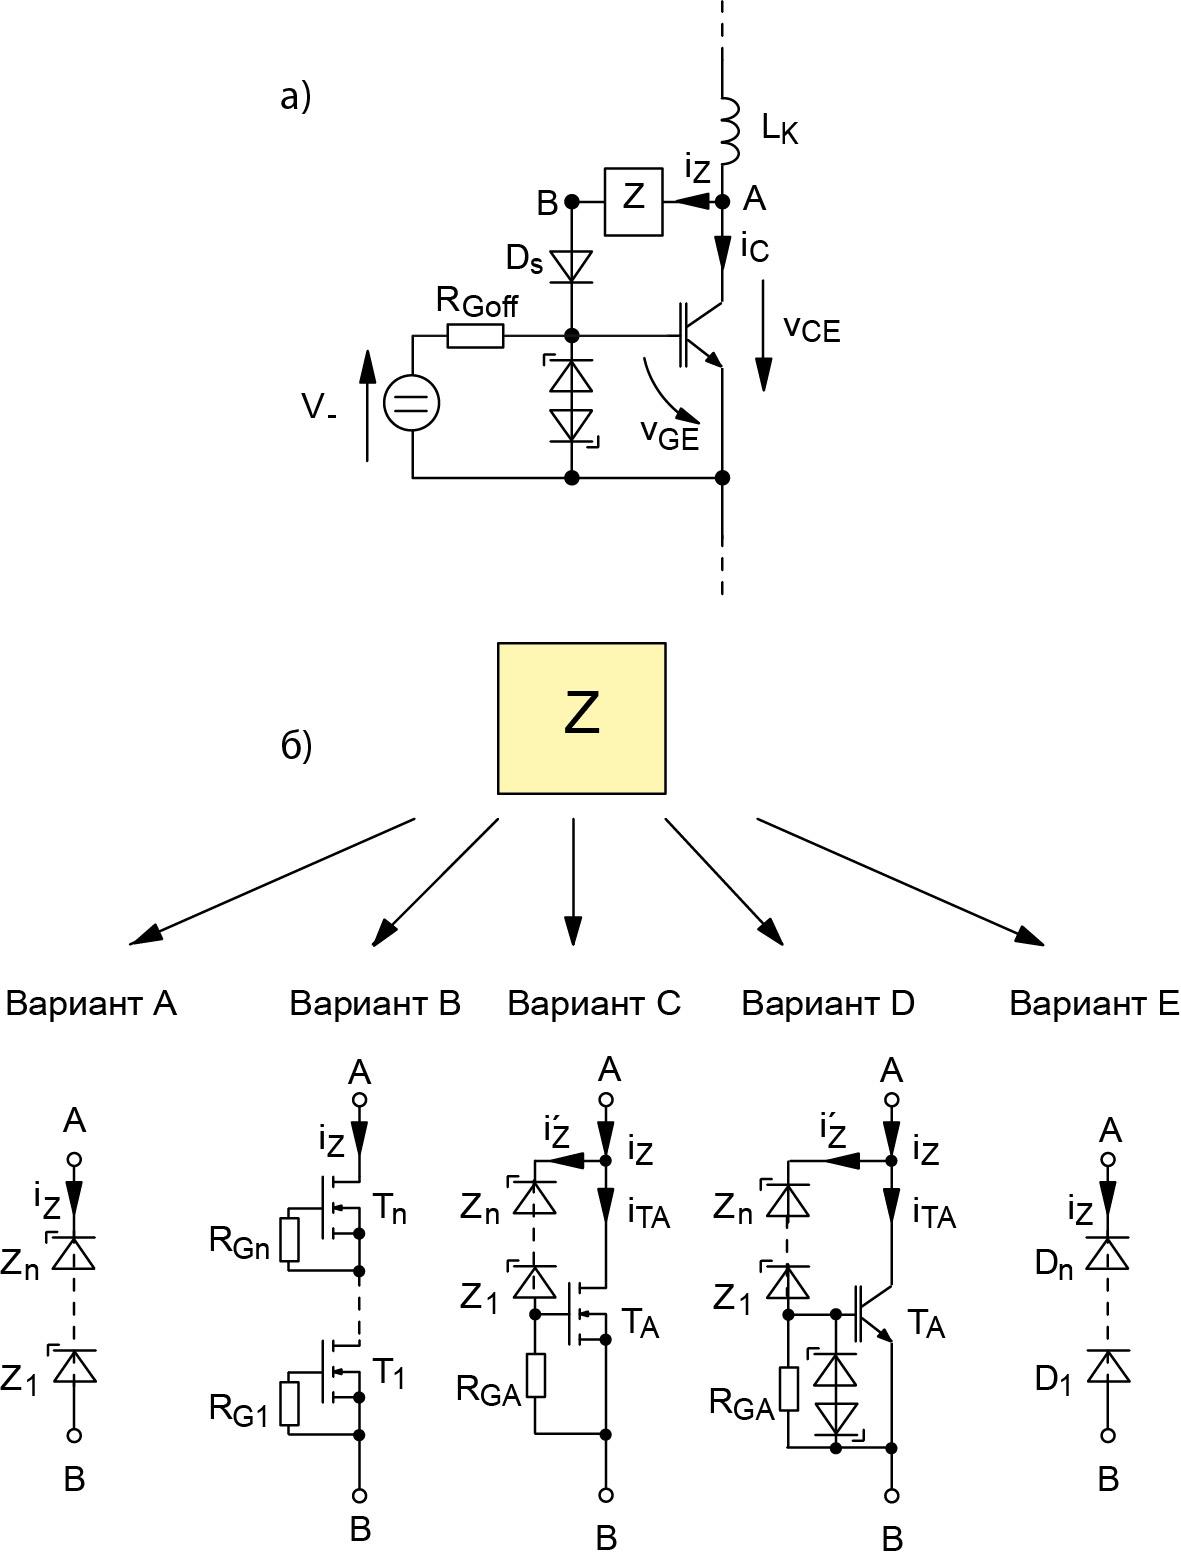 Базовая схема активного ограничения и варианты исполнения порогового элемента